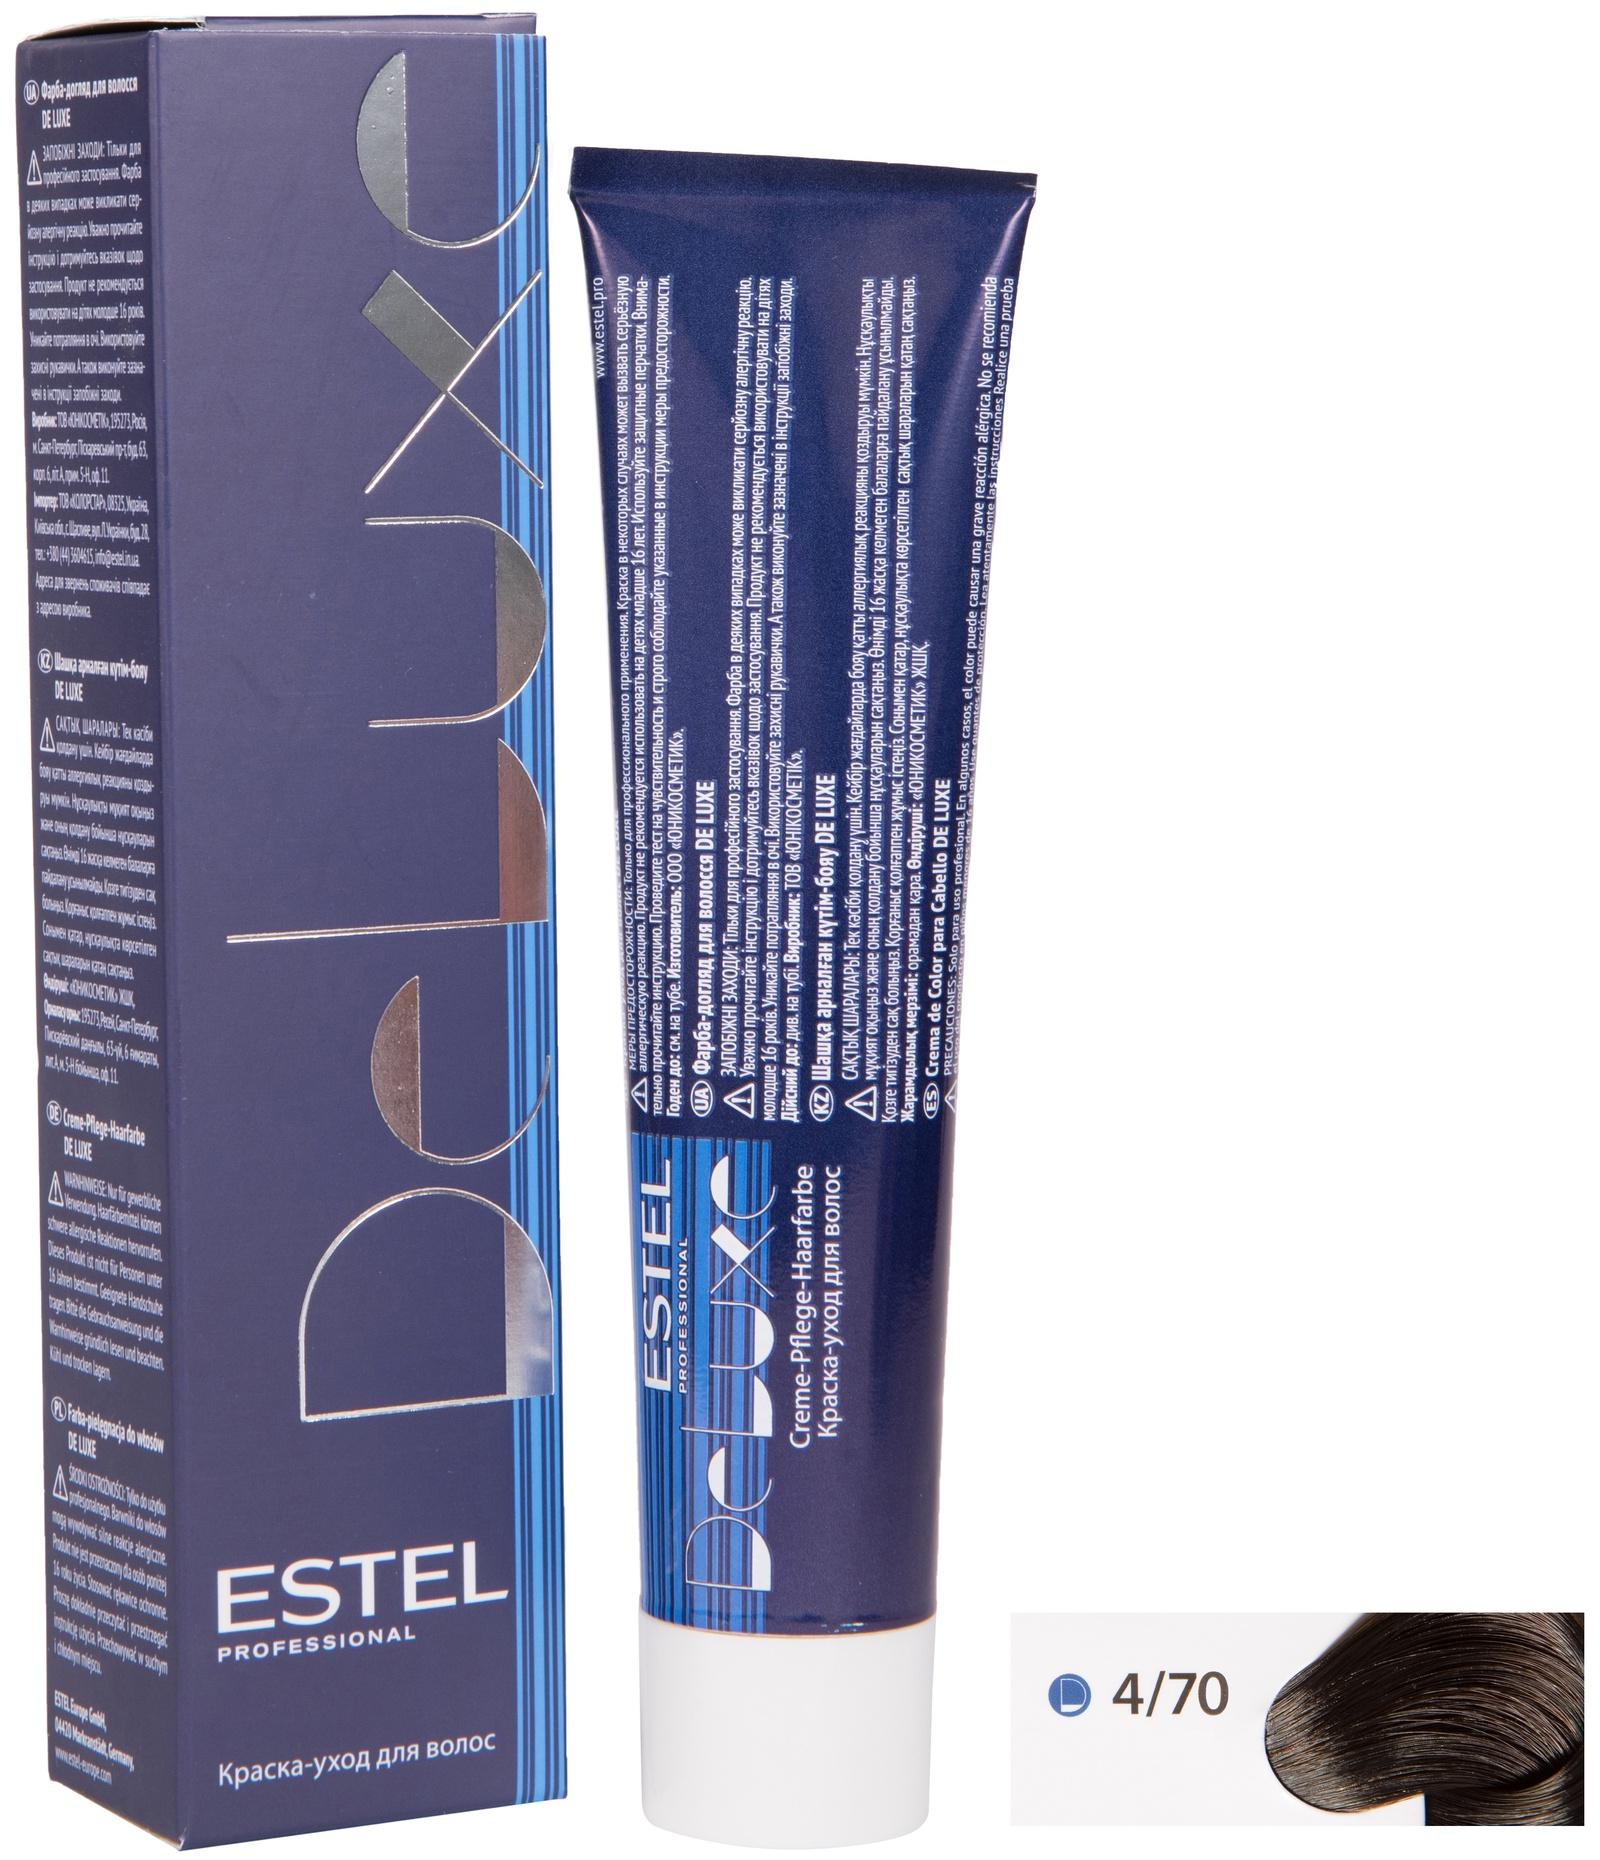 Краска для волос ESTEL PROFESSIONAL 4/70 DE LUXE краска-уход для окрашивания волос, шатен коричневый для седины 60 м краска для волос 000